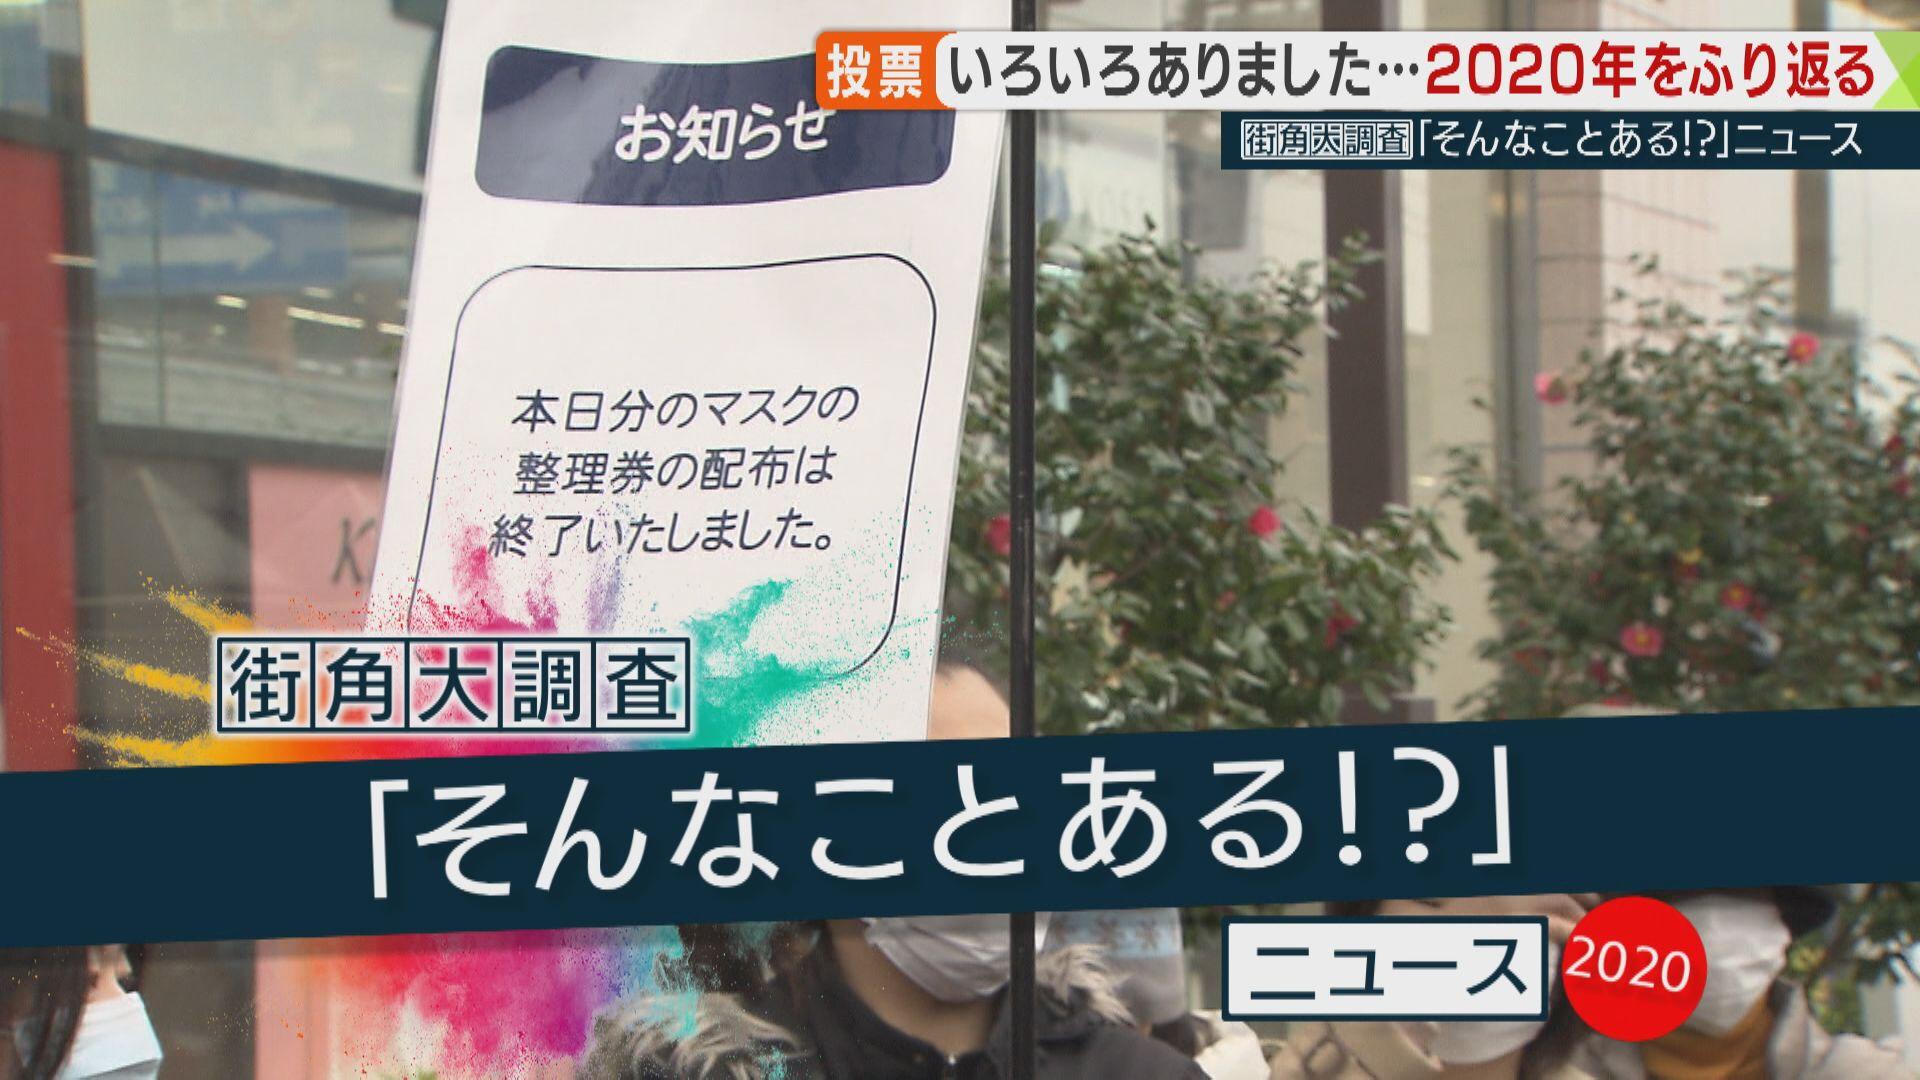 『報道ランナー』が街で聞いた 「そんなことある!?」ニュースTOP10